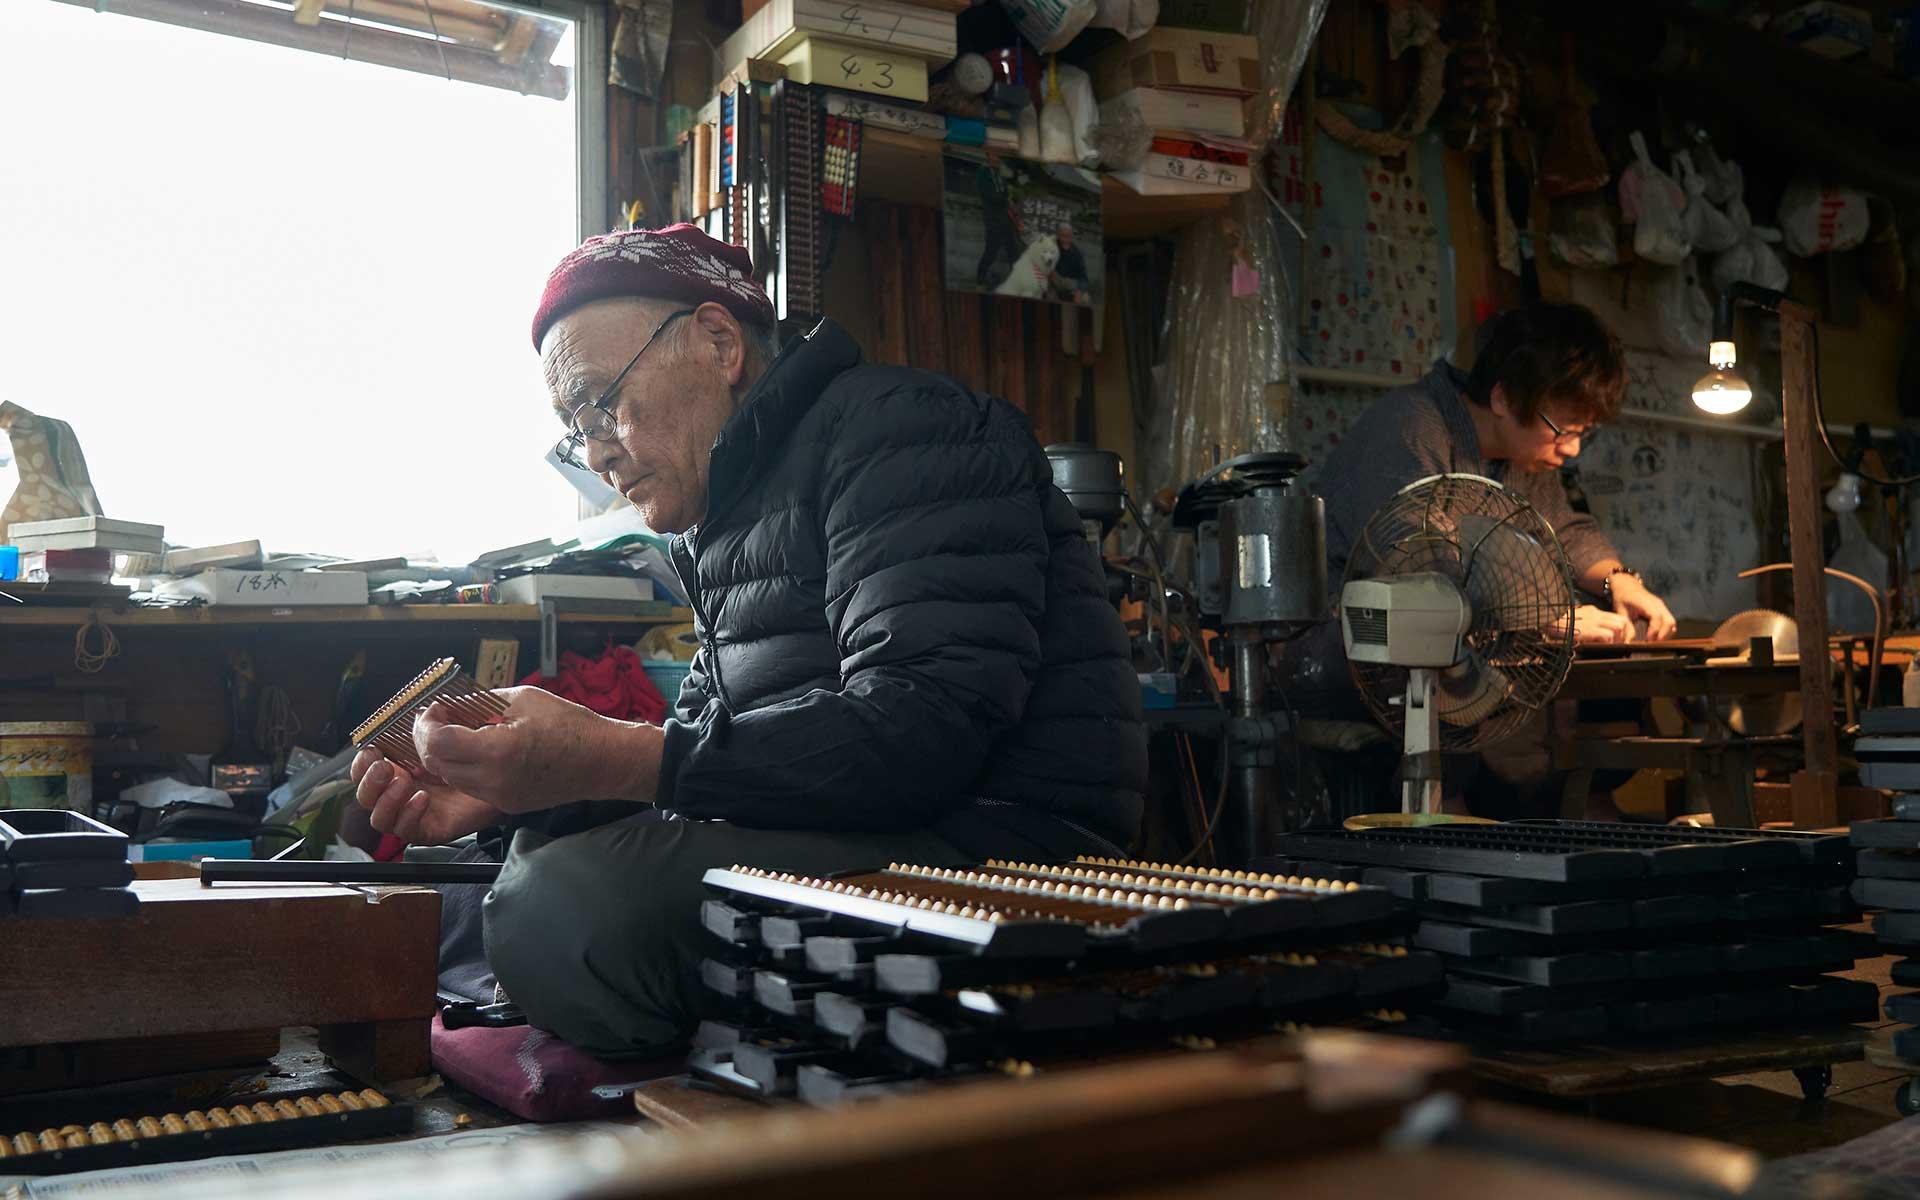 美しい道具を残したい。播州そろばんの名工、宮本一廣が考える職人の未来